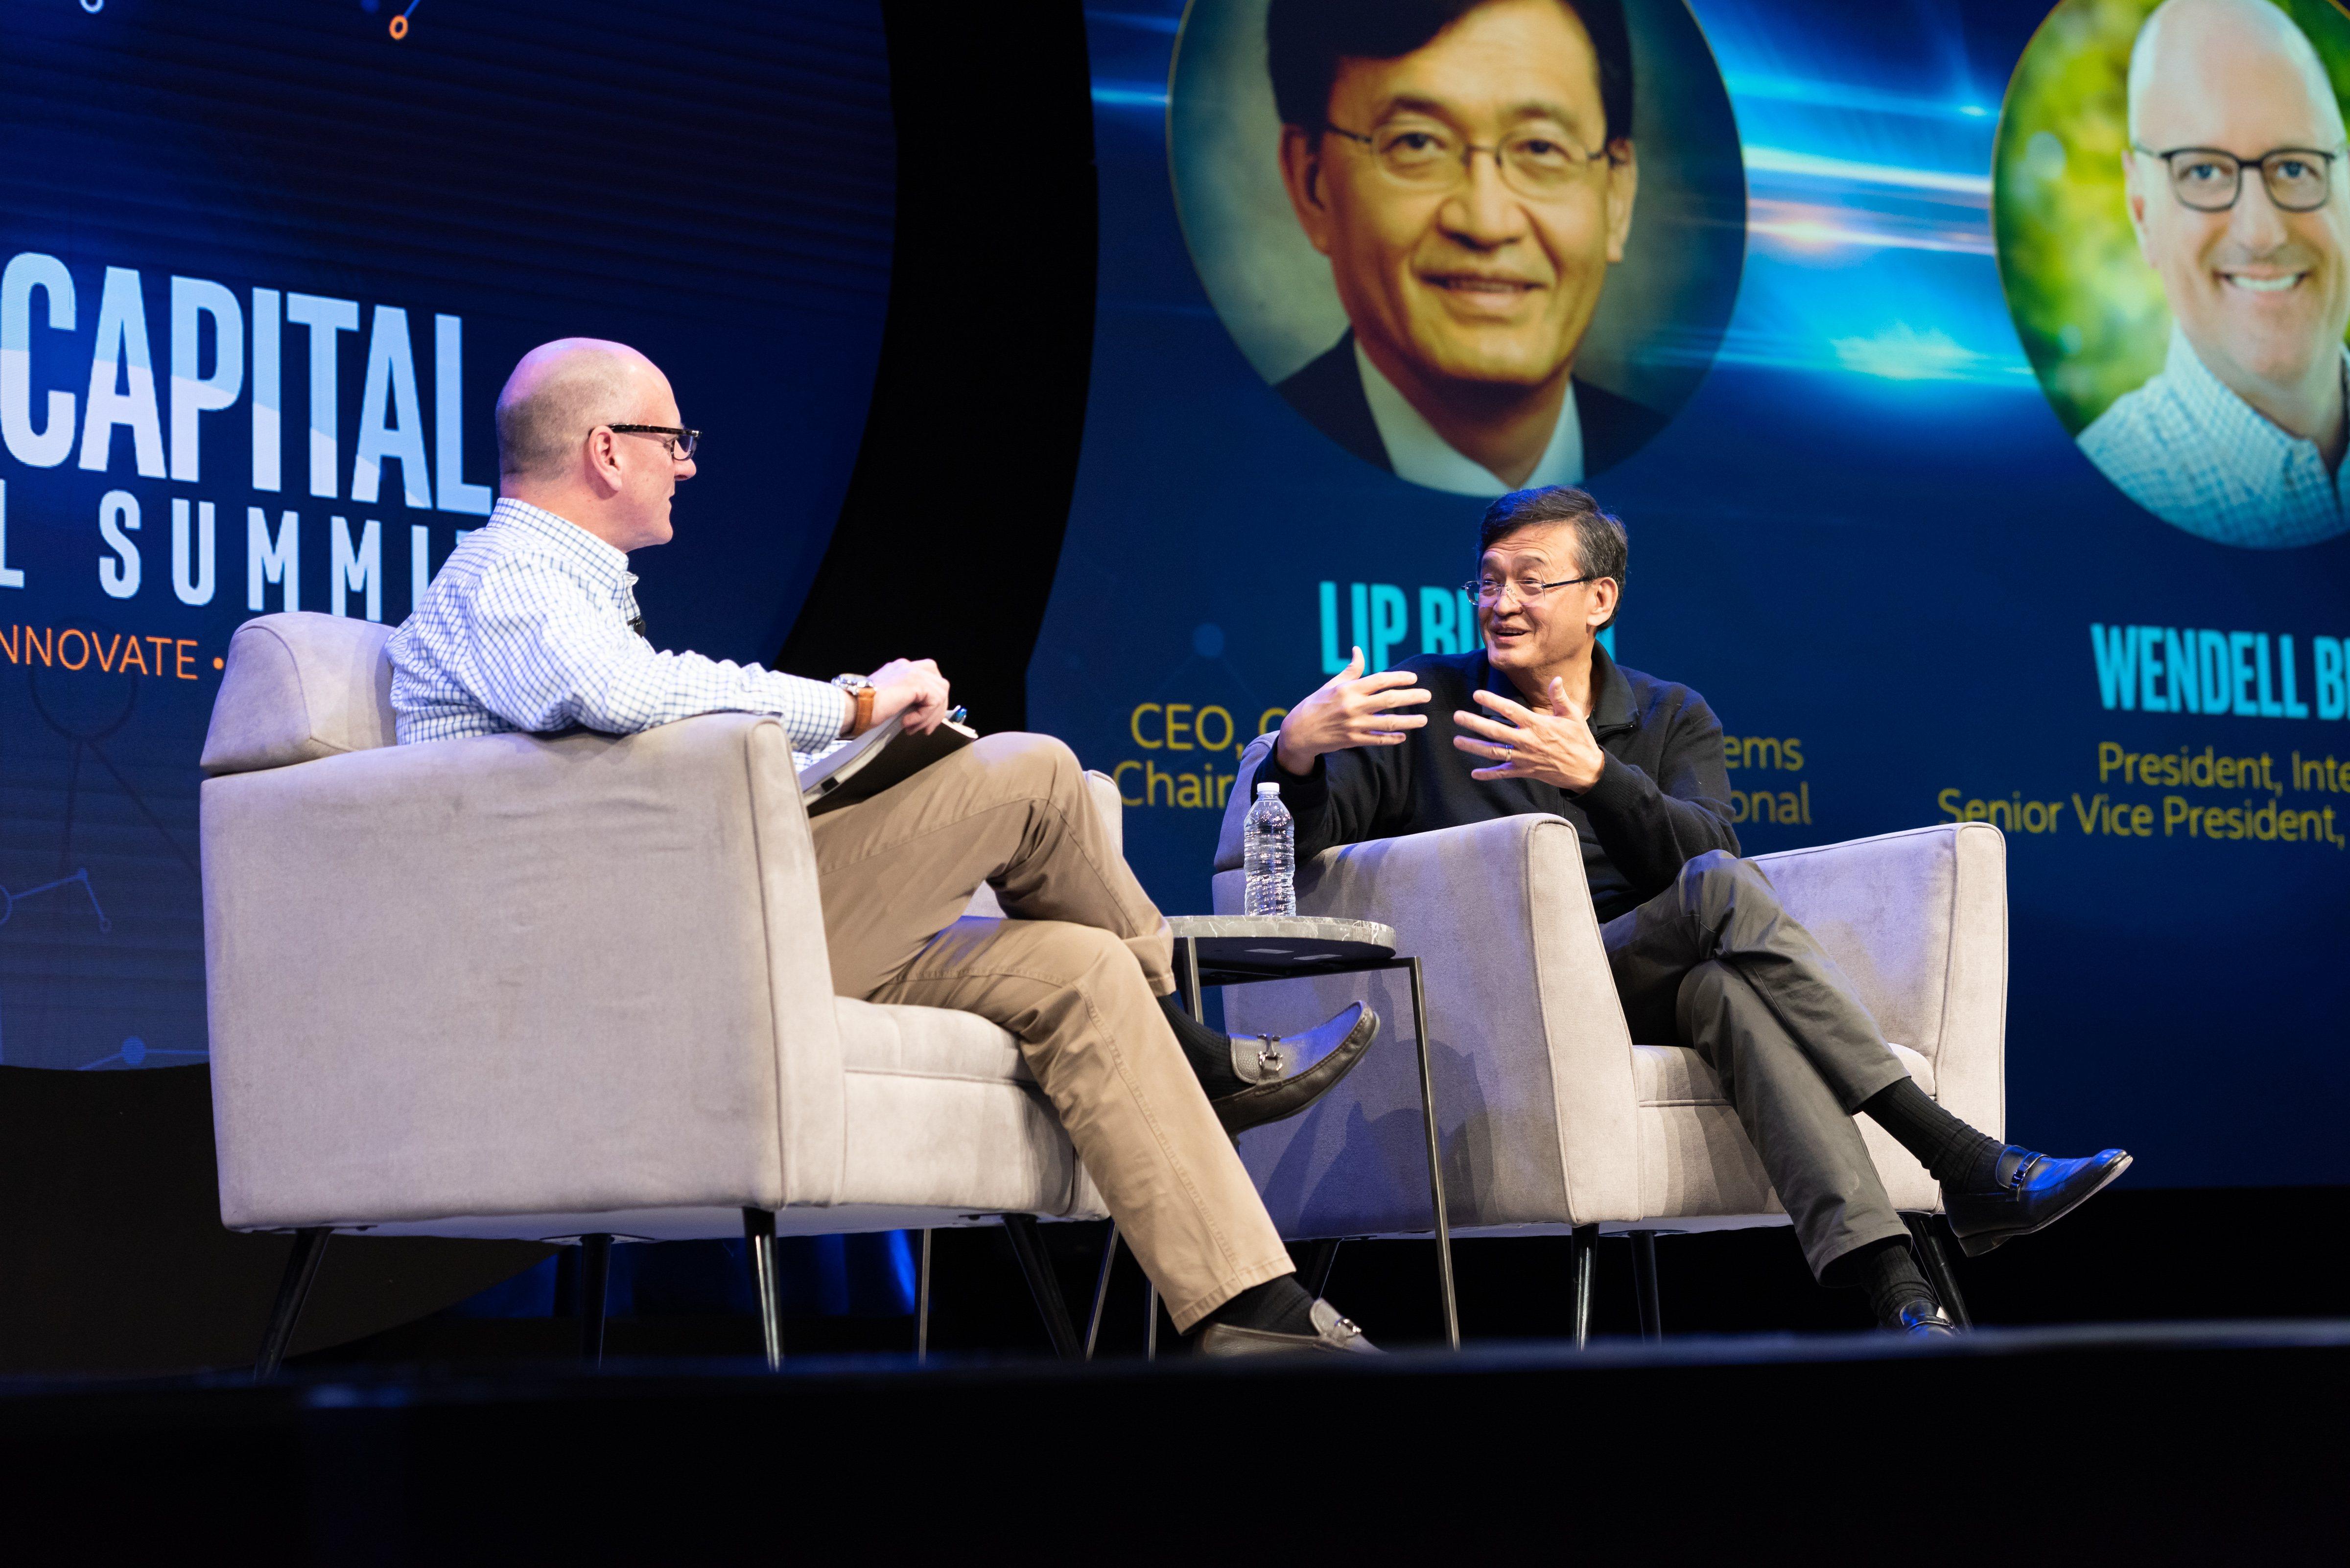 Intel-Capital-2019-Summit-3